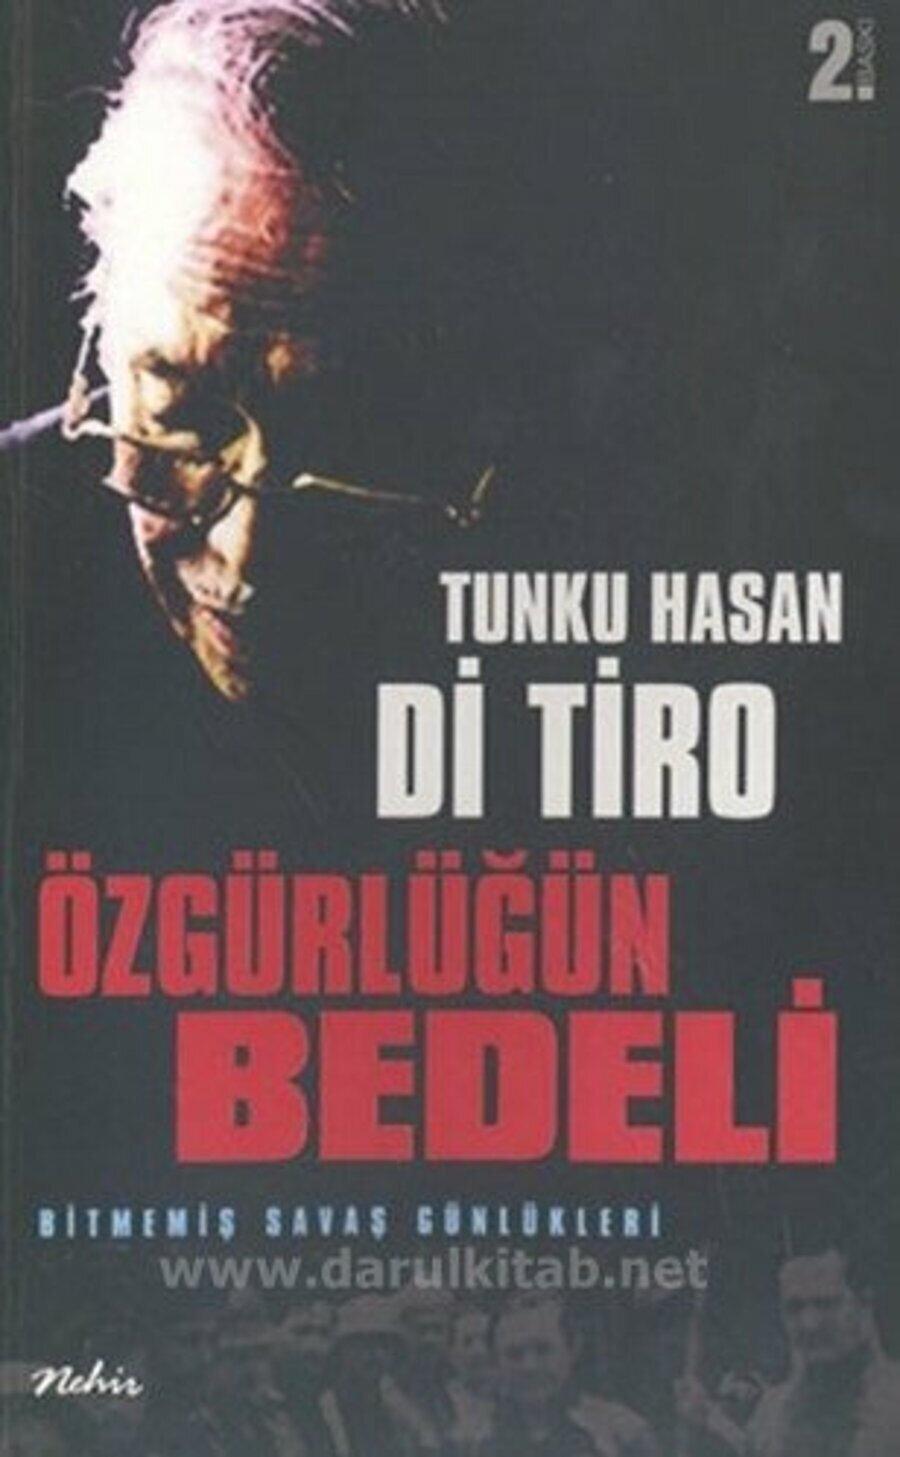 Hasan Di Tiro'nun Açe'nin özgürlüğü için verdiği mücadeleyi anlattığı kitabı.